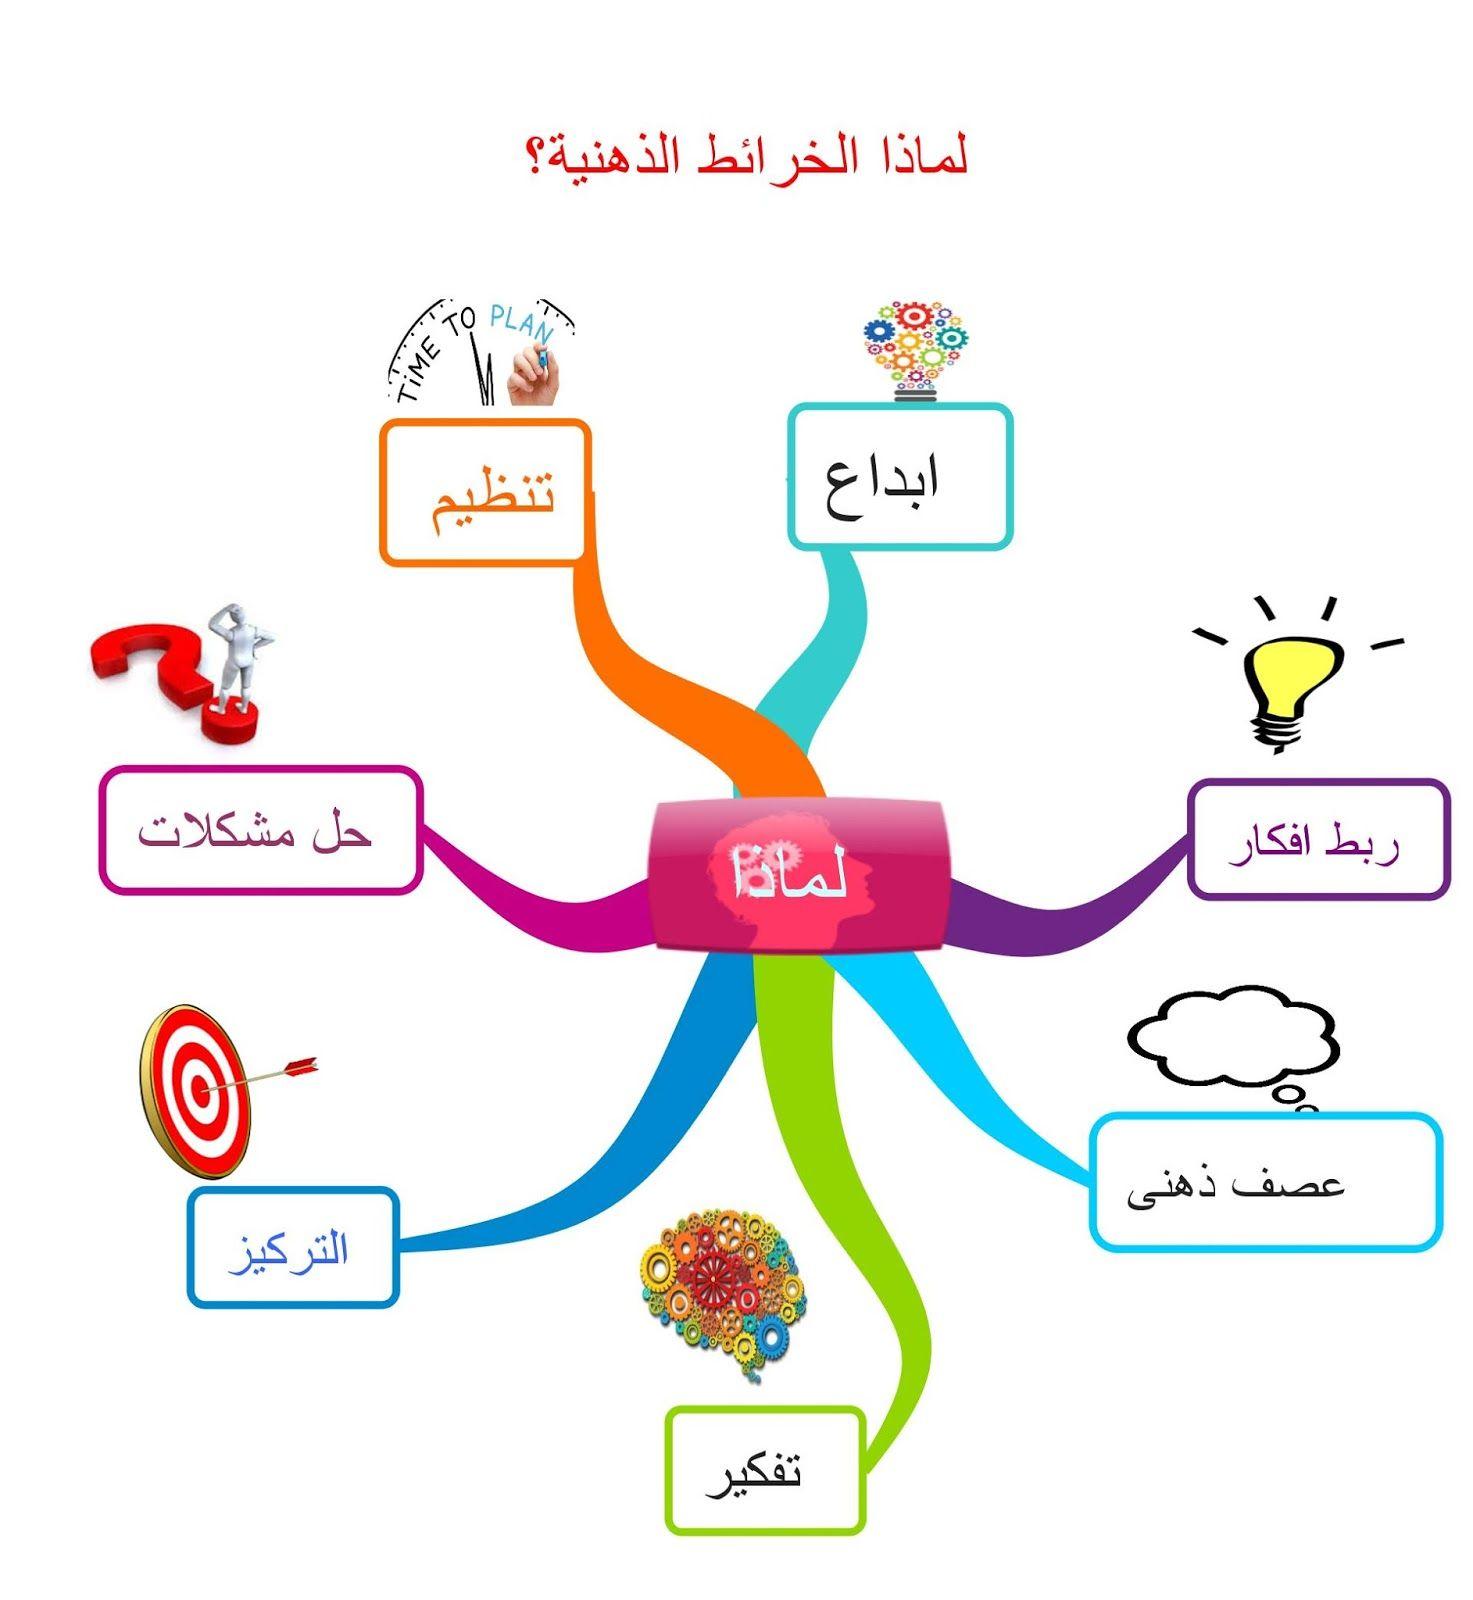 مدونة استخدام الحاسب الآلي في التدريس الخرائط الذهنية School Images Study Skills Teaching Strategies